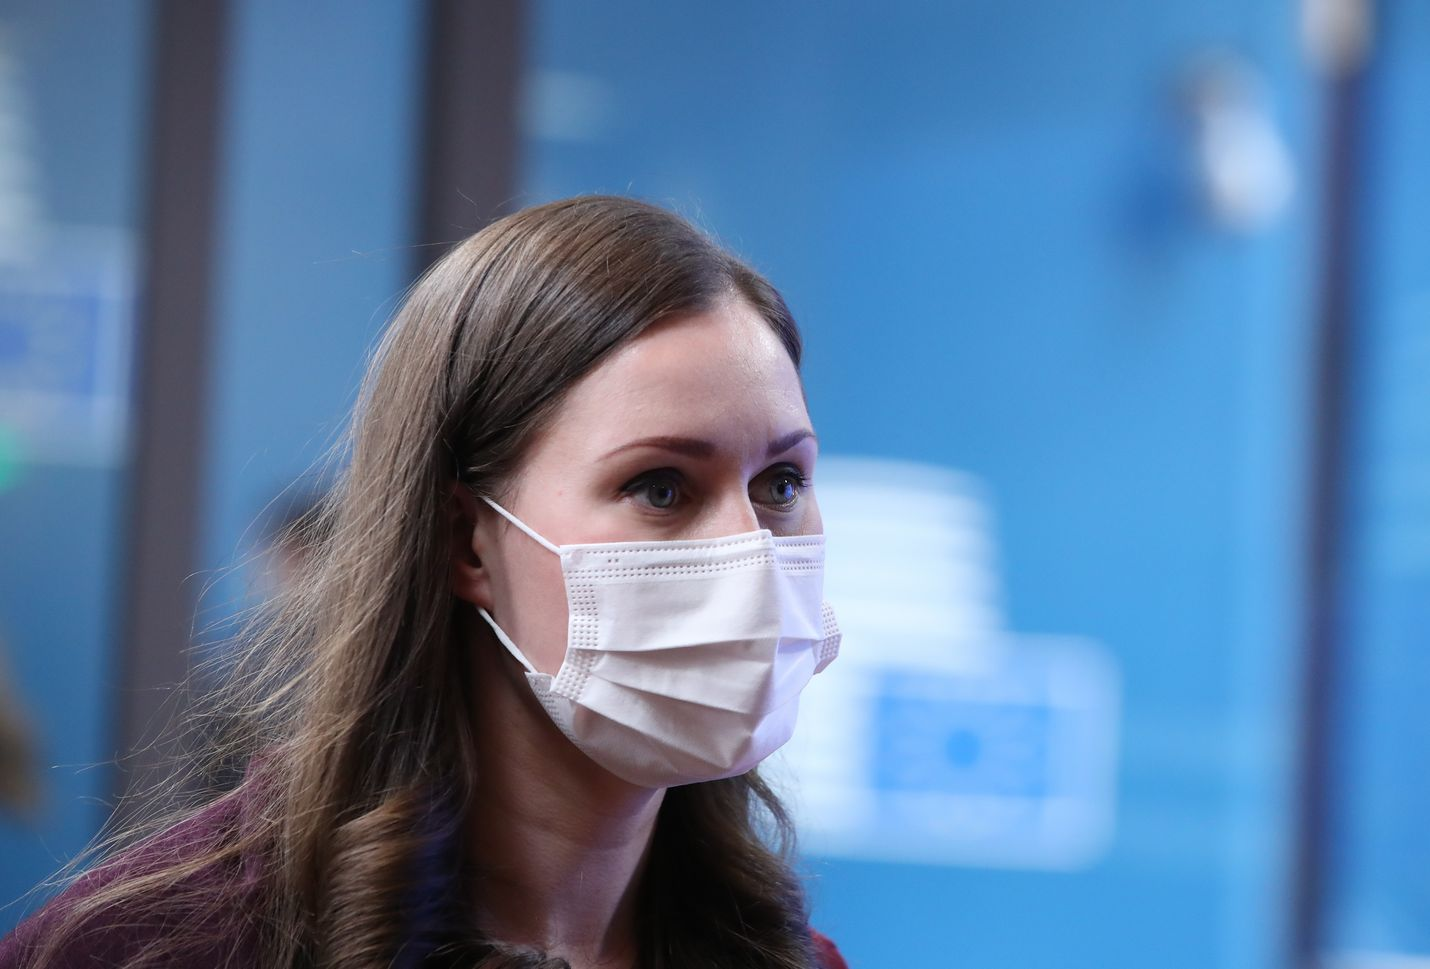 Pääministeri Sanna Marin (sd.) edusti Suomea joulukuussa EU-huippukokouksessa Brysselissä korona-ajan mukaisesti maski kasvoilla.